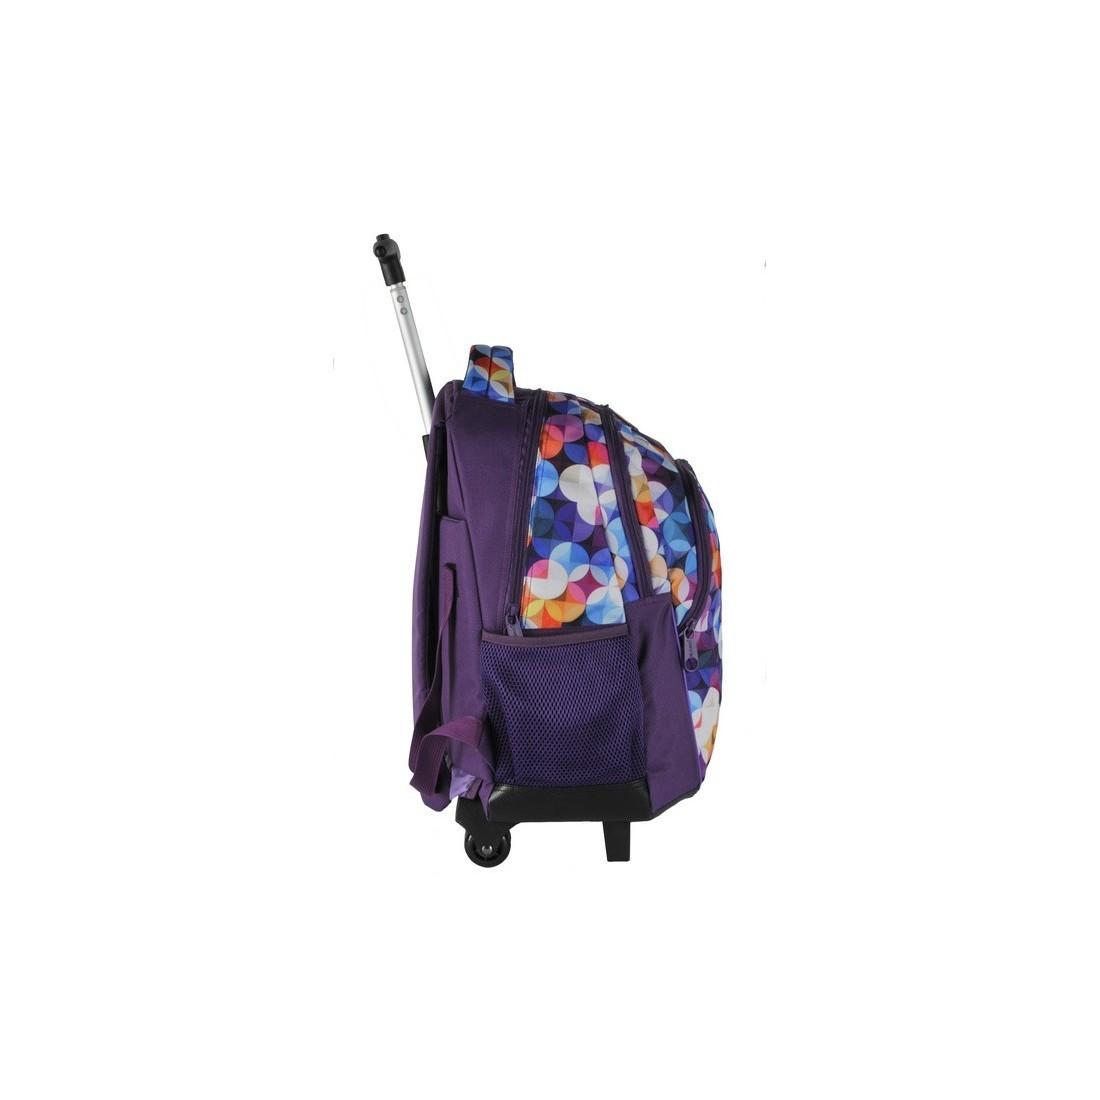 Plecak na kółkach w kolorowe kółka - plecak-tornister.pl